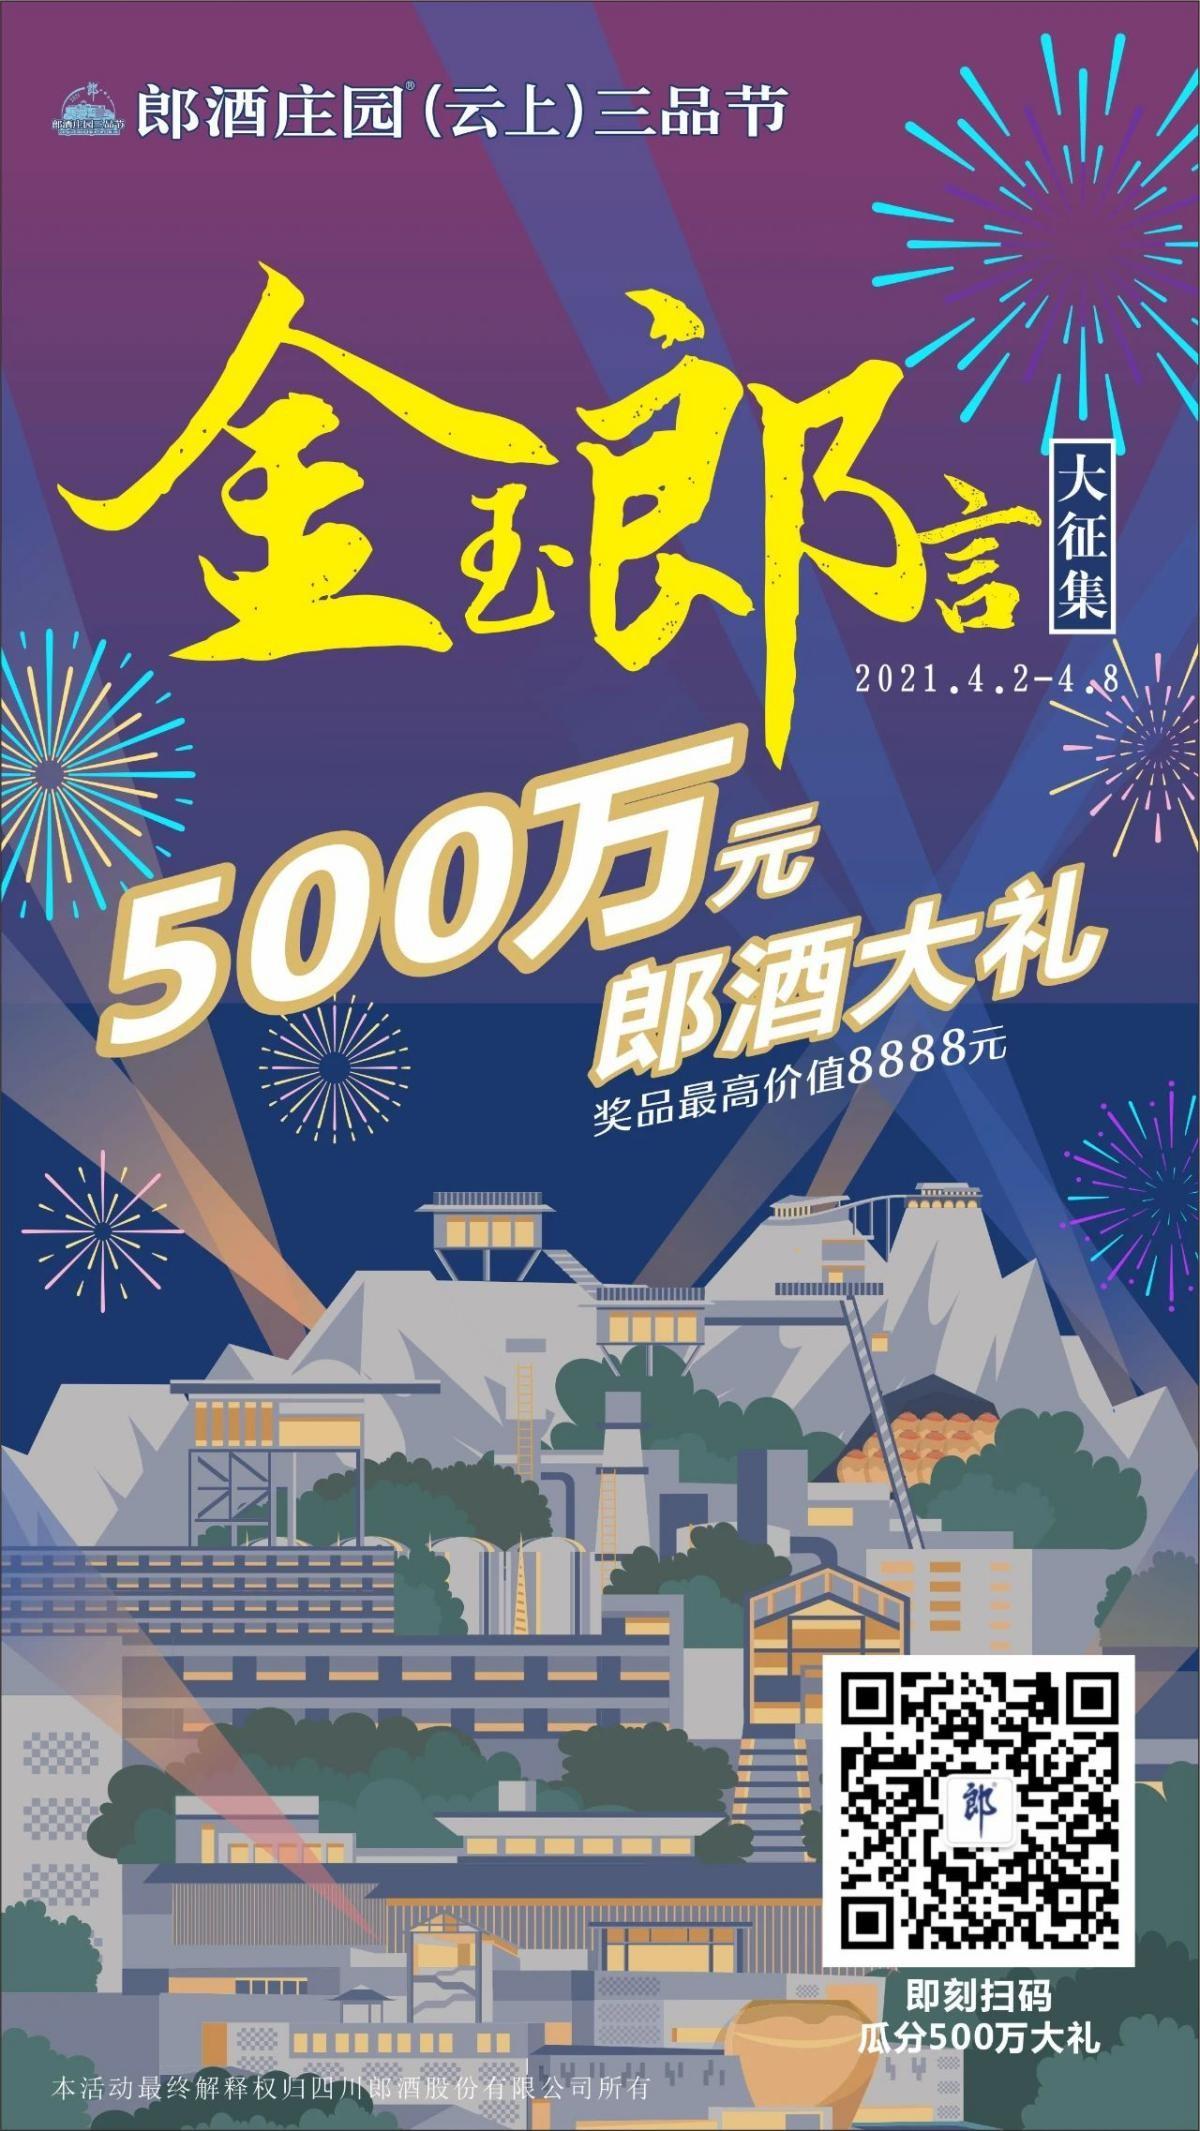 史上最真诚福利:郎酒云上三品节500万大奖回馈粉丝